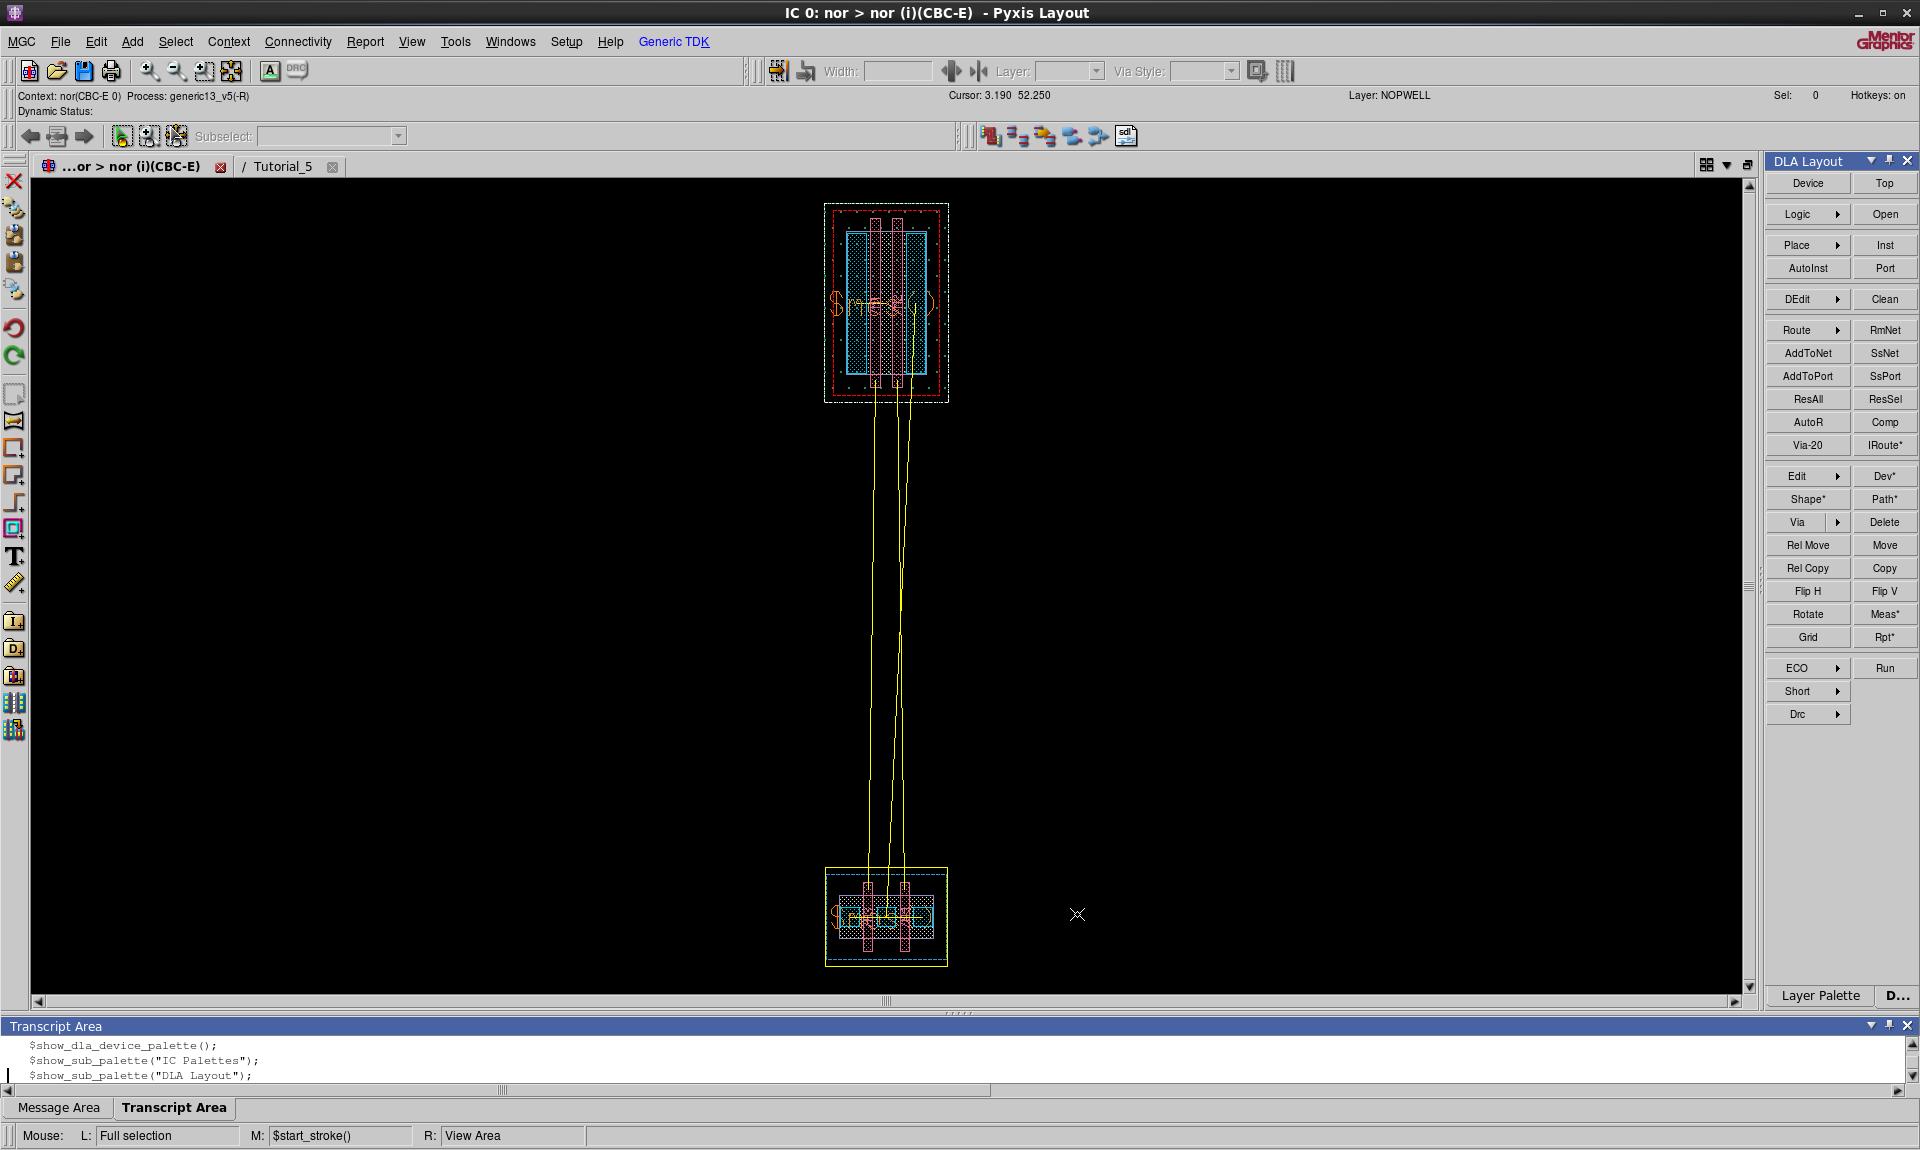 relay logic diagram symbols relay logic diagram of xor gate nor gate schematic jangan lupa persenannya #10